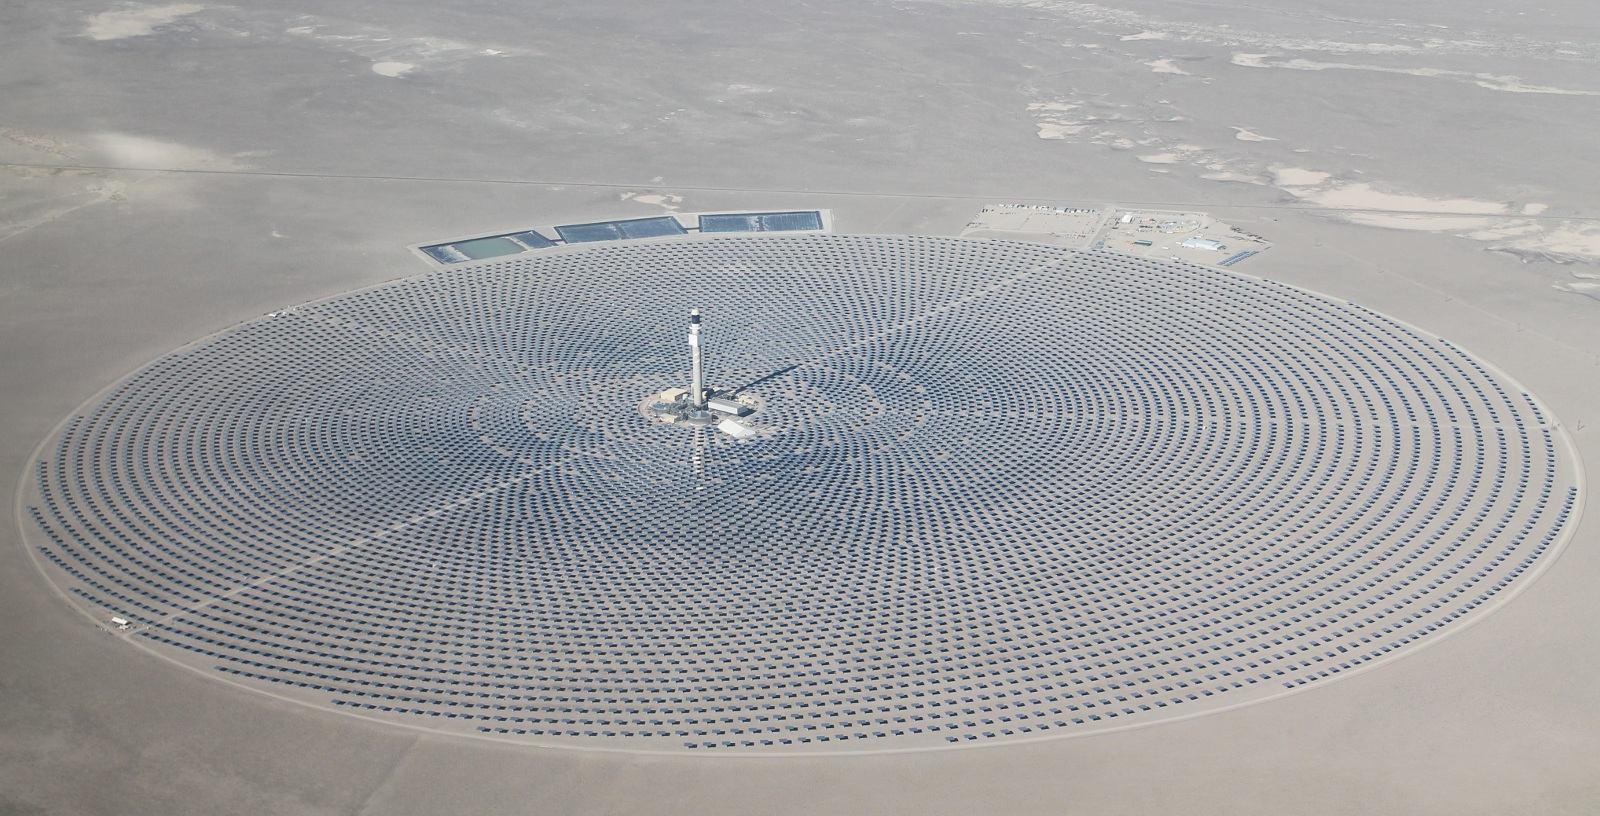 CRESCENT_DUNES_ CONCENTRATING_SOLAR_POWER_PLANT_ USA_IDOM_03_Cobra